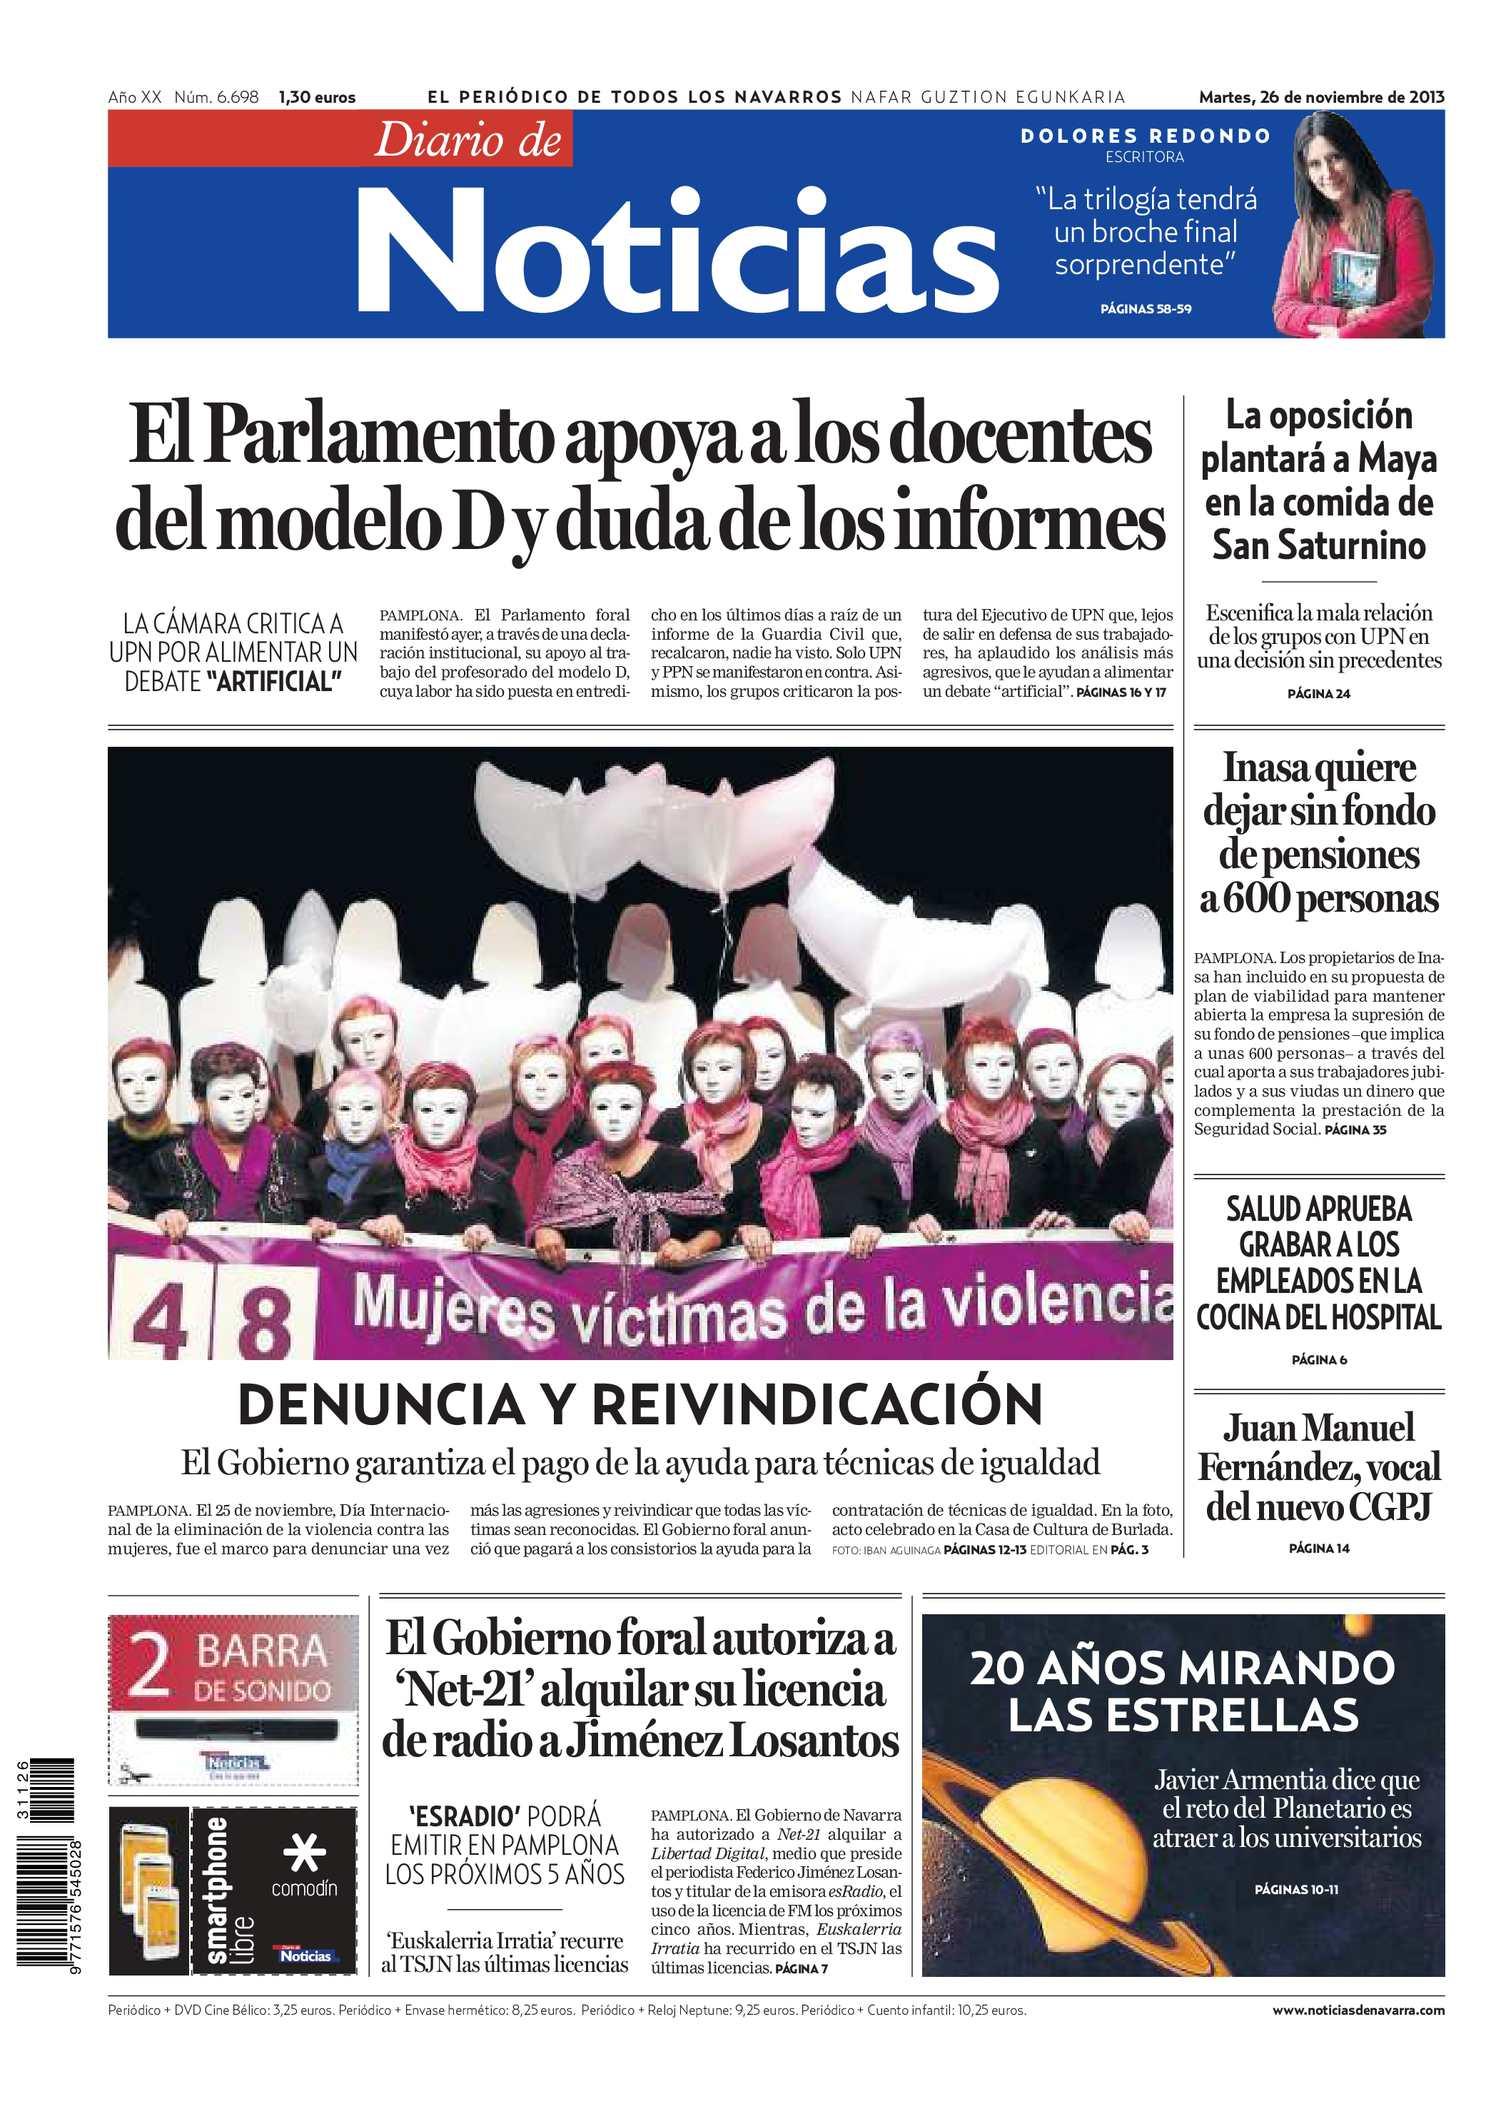 Calaméo - Diario de Noticias 20131126 f0740470677